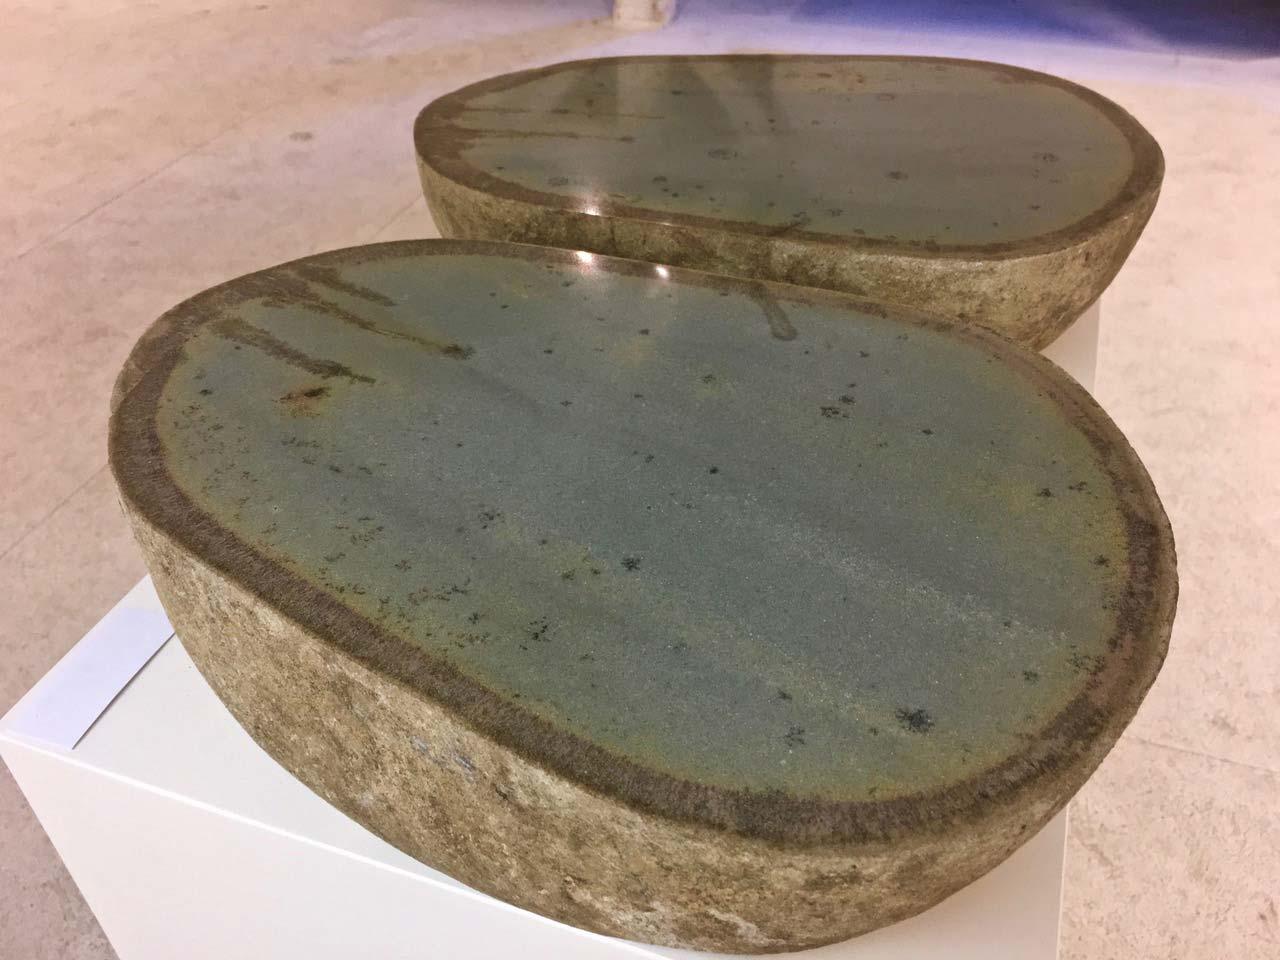 NAHRUNG-NATUR–schalenförmige-Geschiebesteine,-70x40x14cm,-2017,-Sammlung-Urban,-WaidhofenY,-NÖ